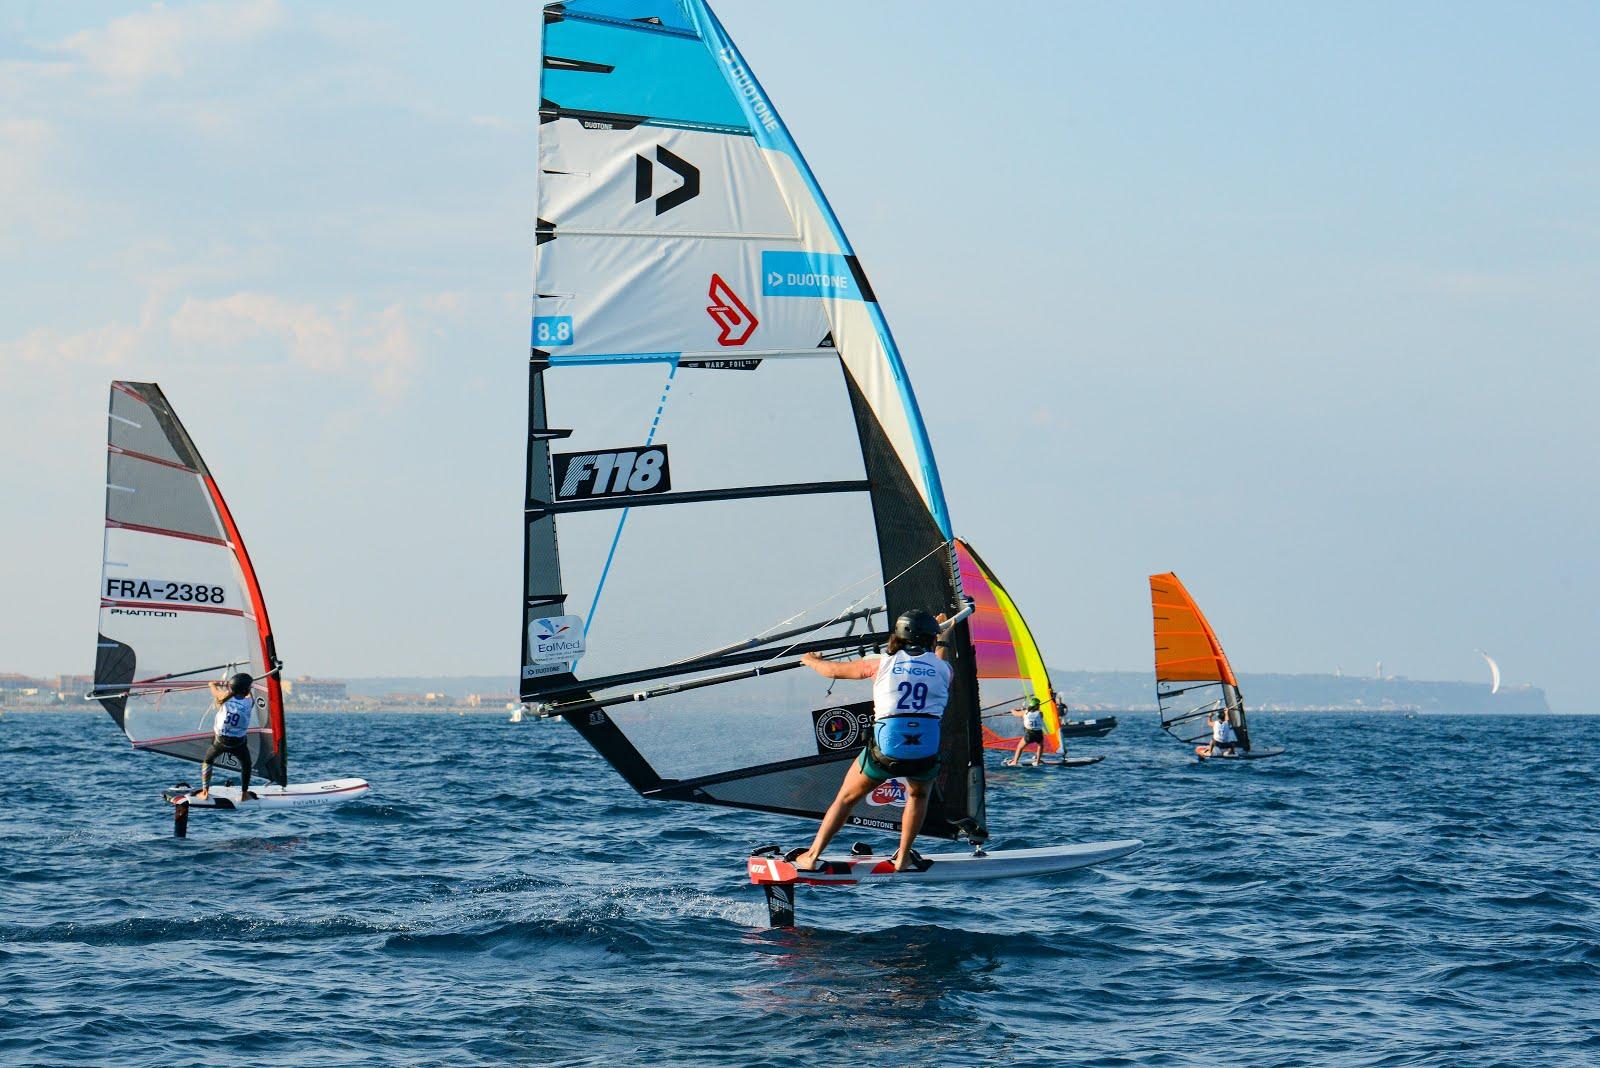 Championnat De France Espoirs Et Open Windfoil Kitefoil Et Kitefreestyle Une Premiere Edition Reussie Resultats Scanvoile